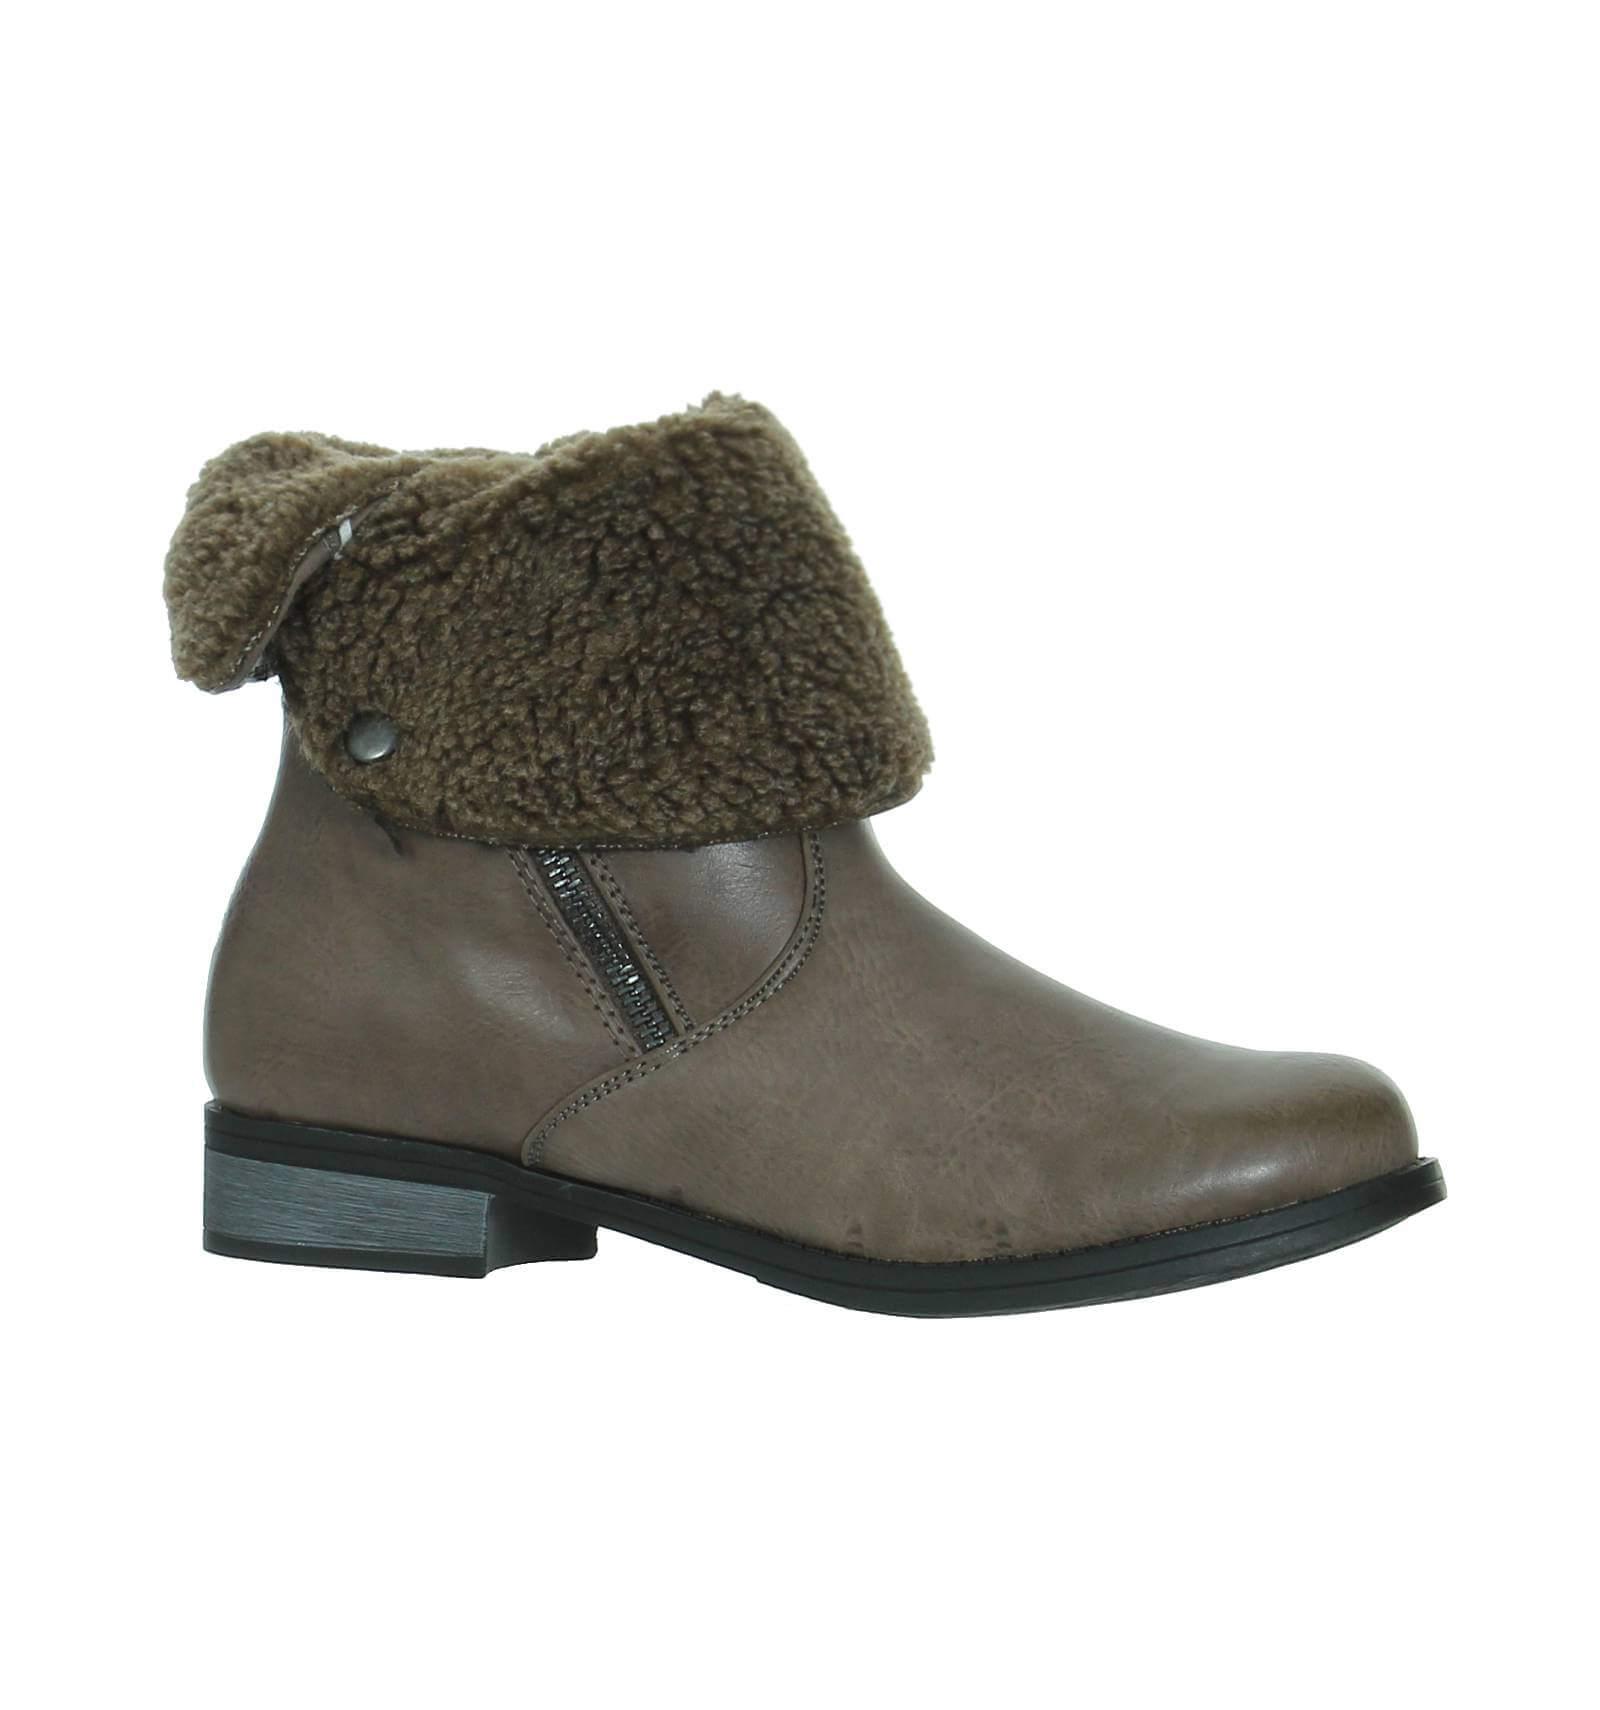 bottines femme fourr e zips noir richmond paris city shoes. Black Bedroom Furniture Sets. Home Design Ideas